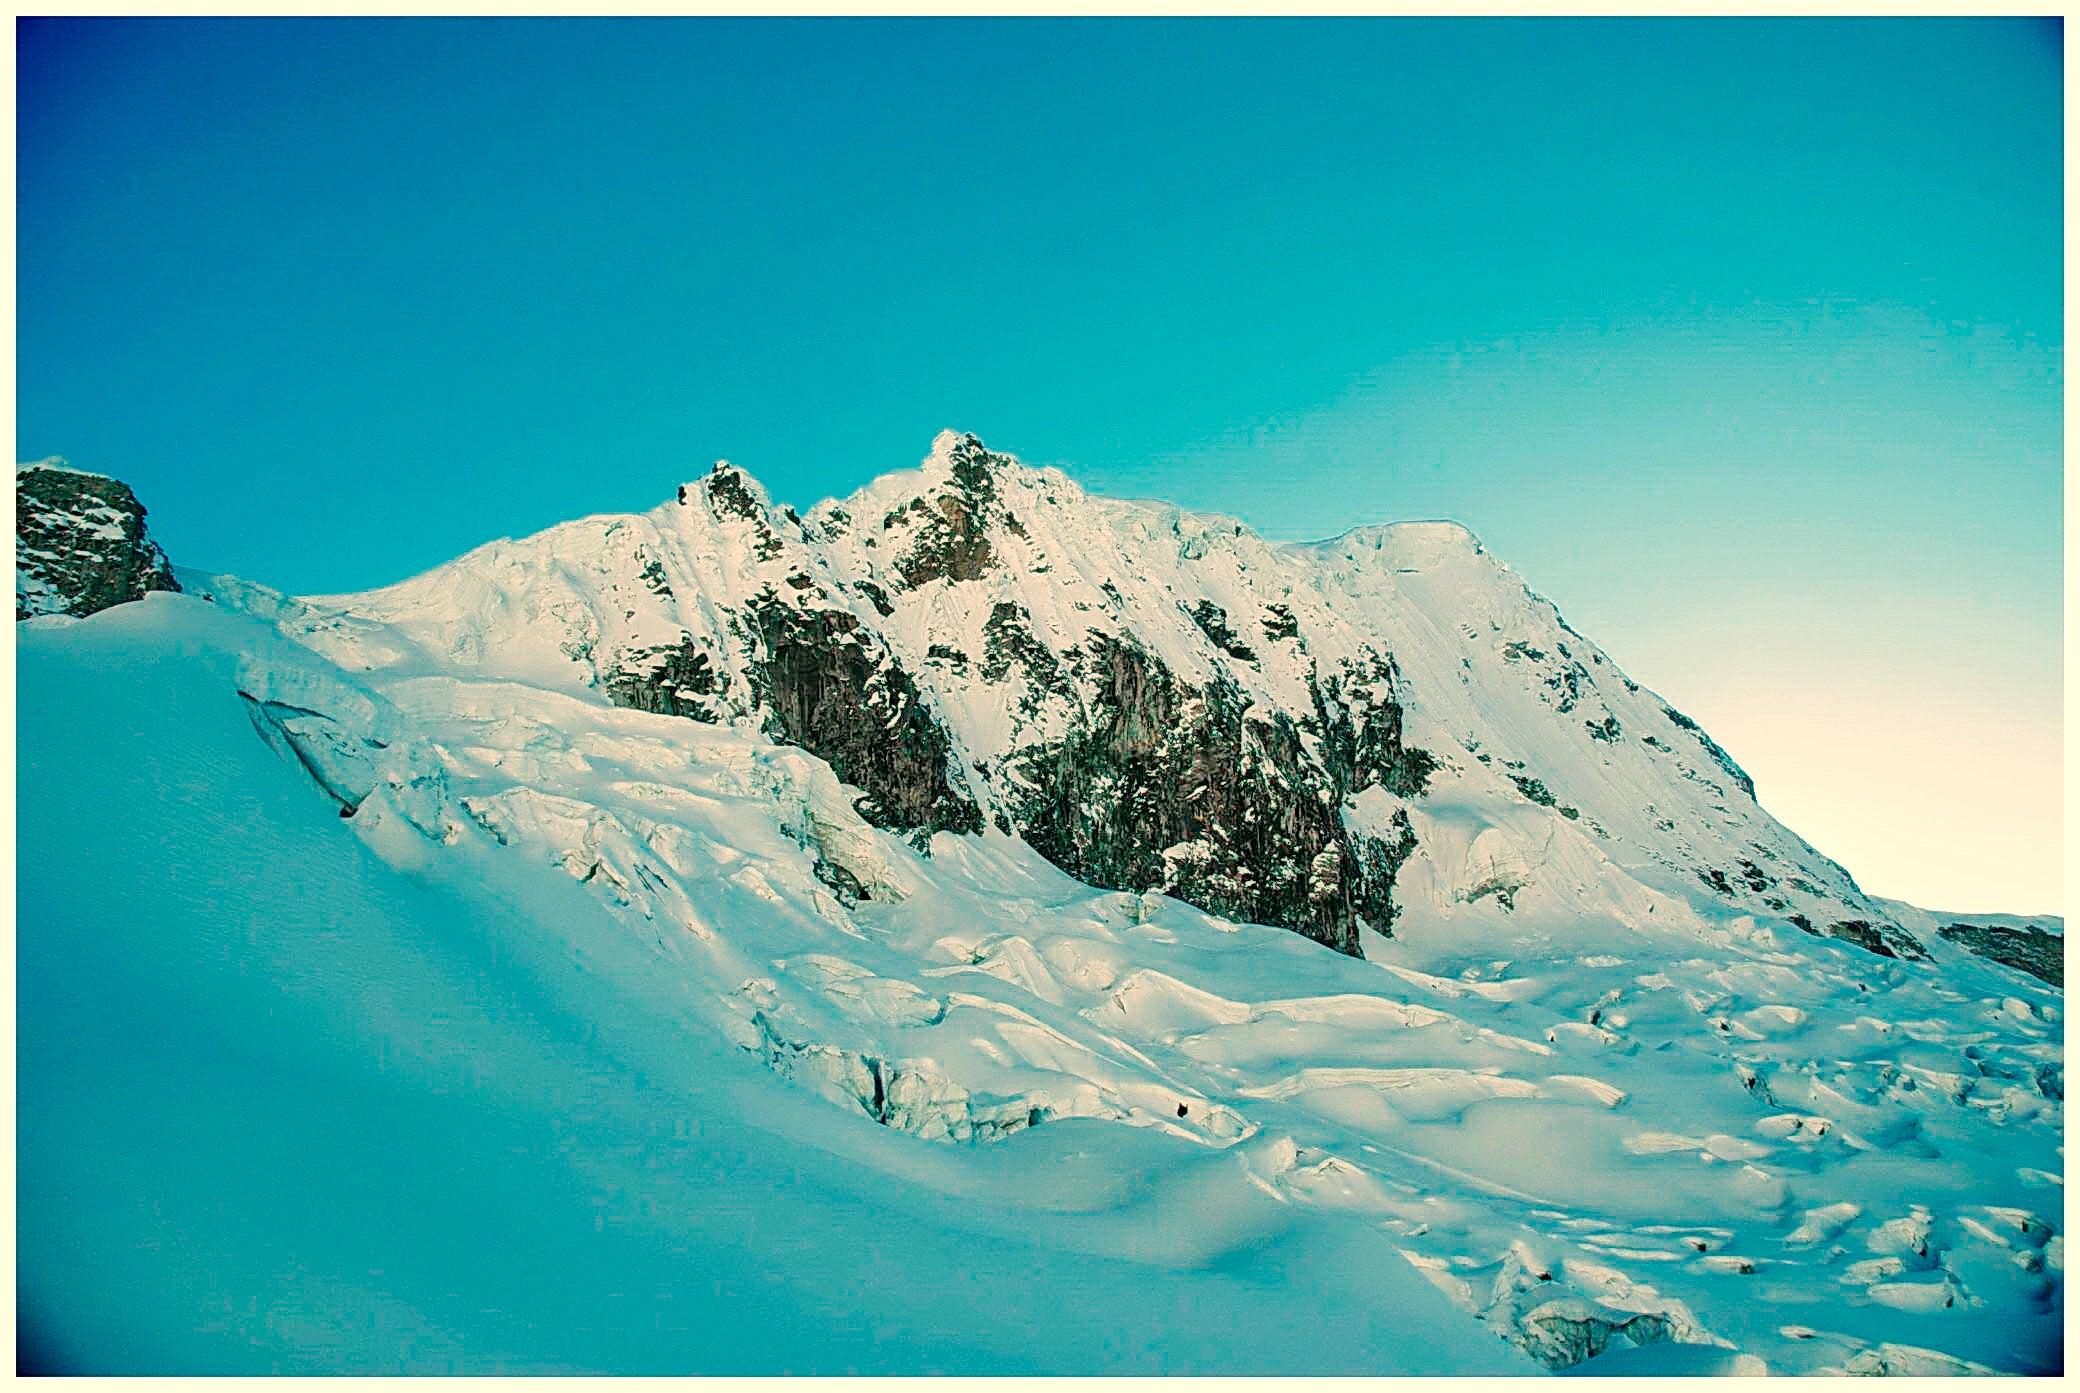 Majestic Moderates Of The Cordillera Blanca